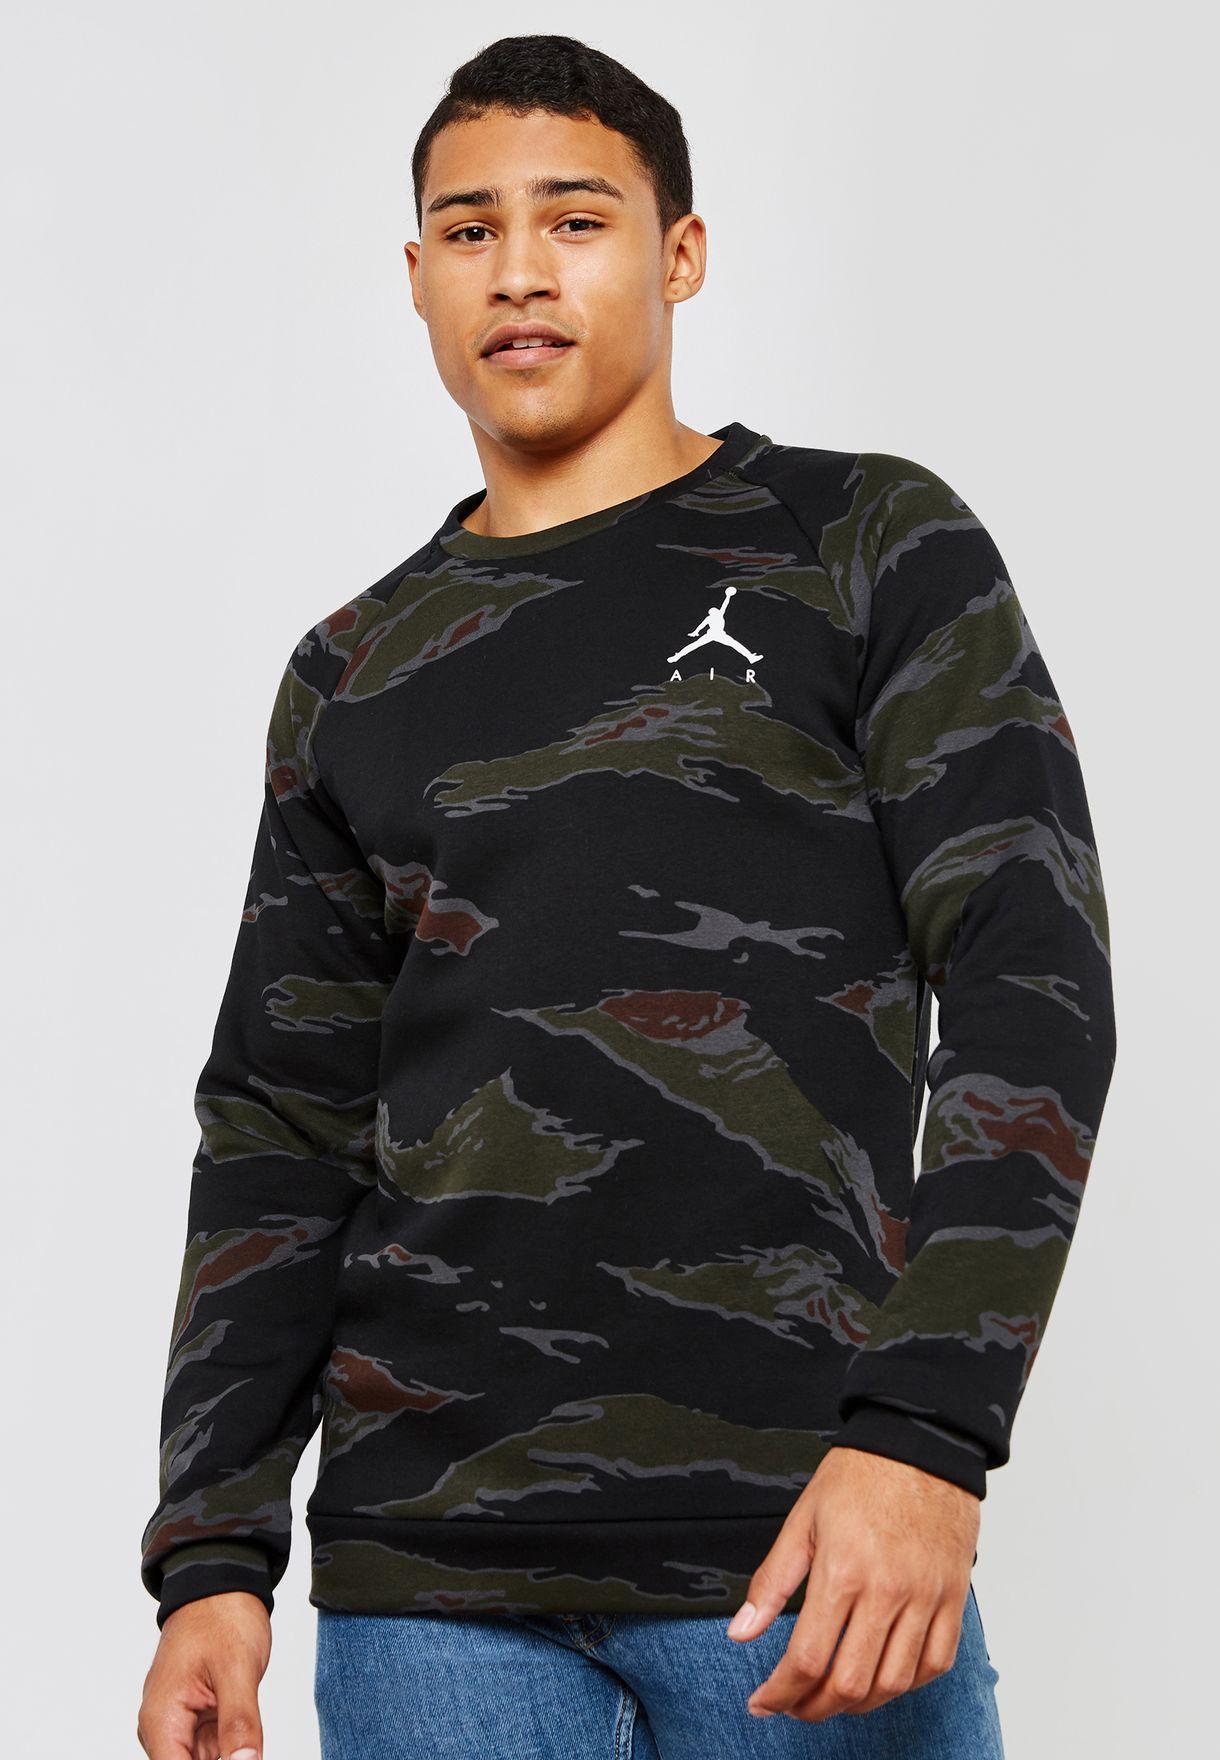 a66e8c5c2eda4e Shop Nike prints Jordan Jumpman Fleece Camo Sweatshirt AV2310-010 ...